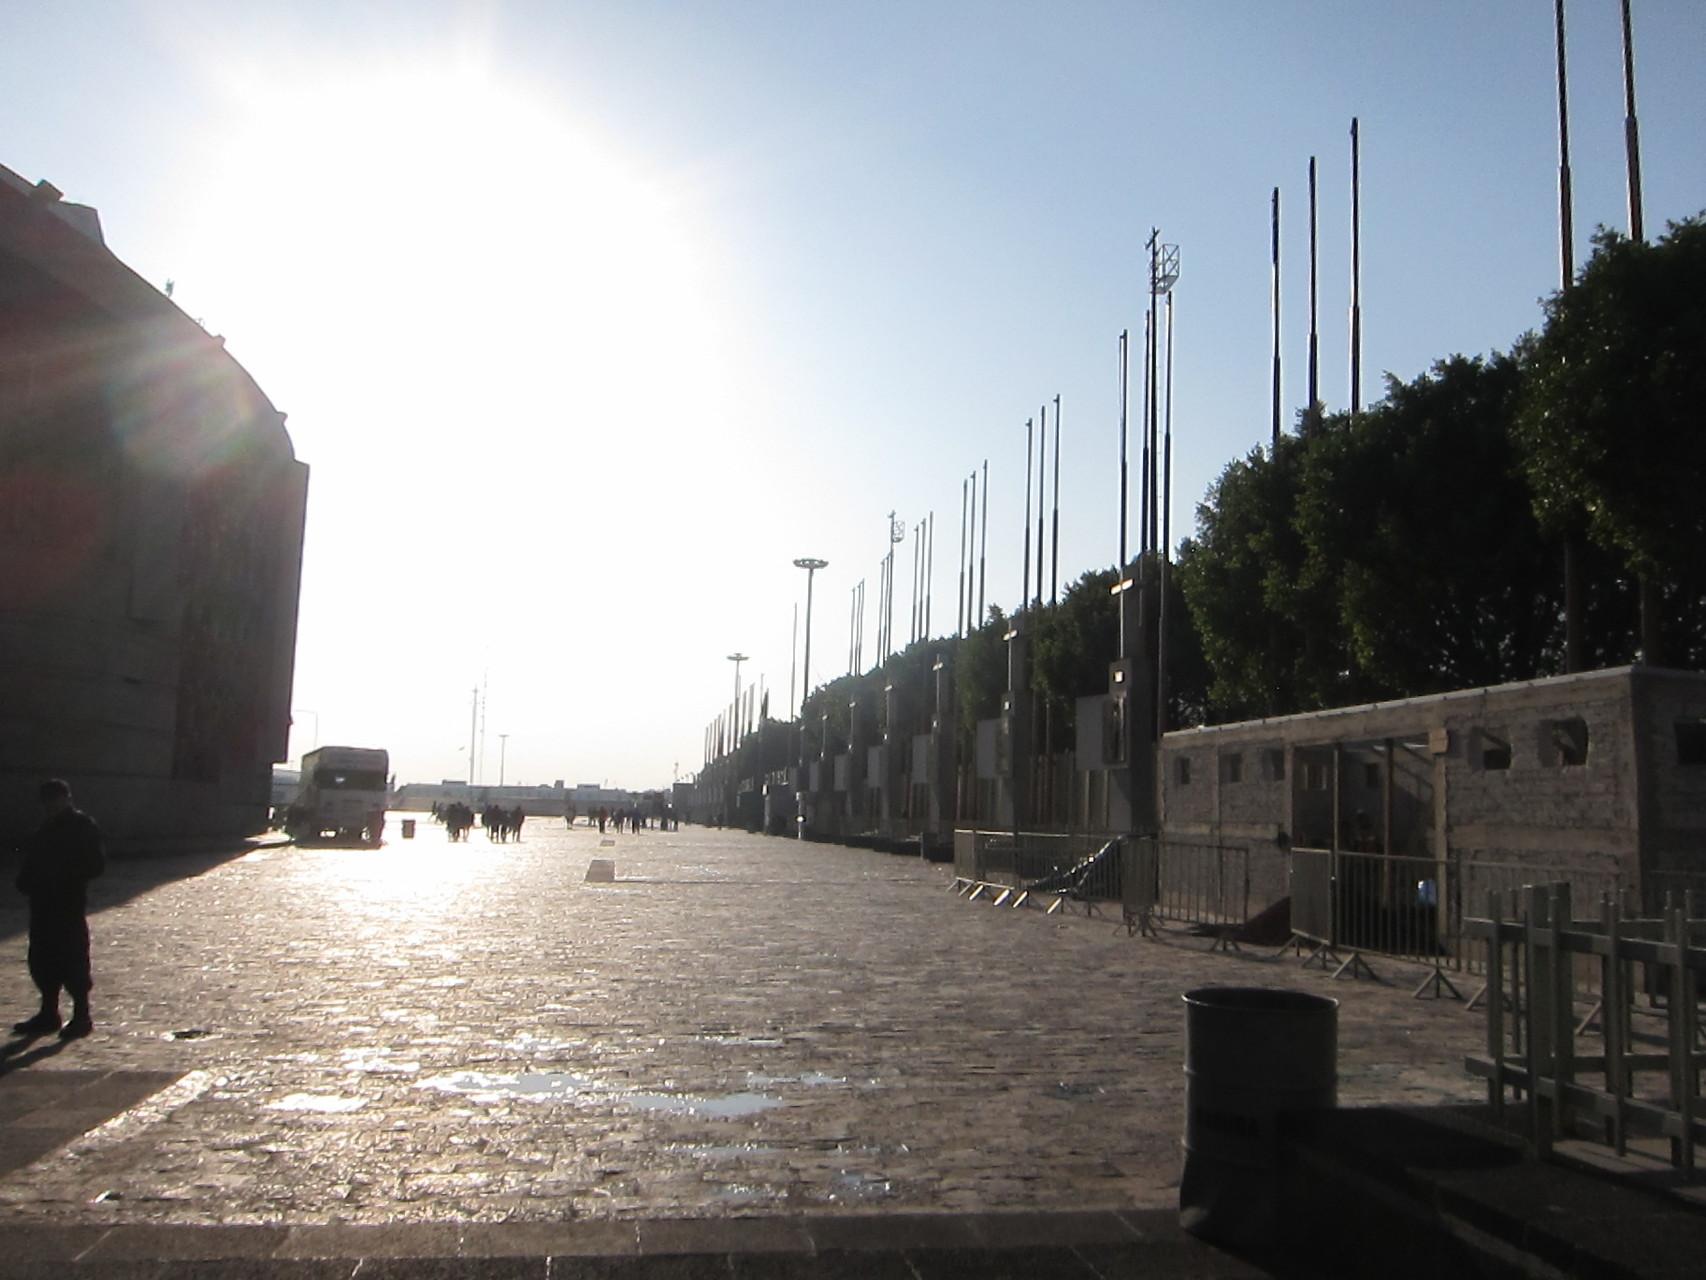 広場に入ると燦々と朝日が注がれています